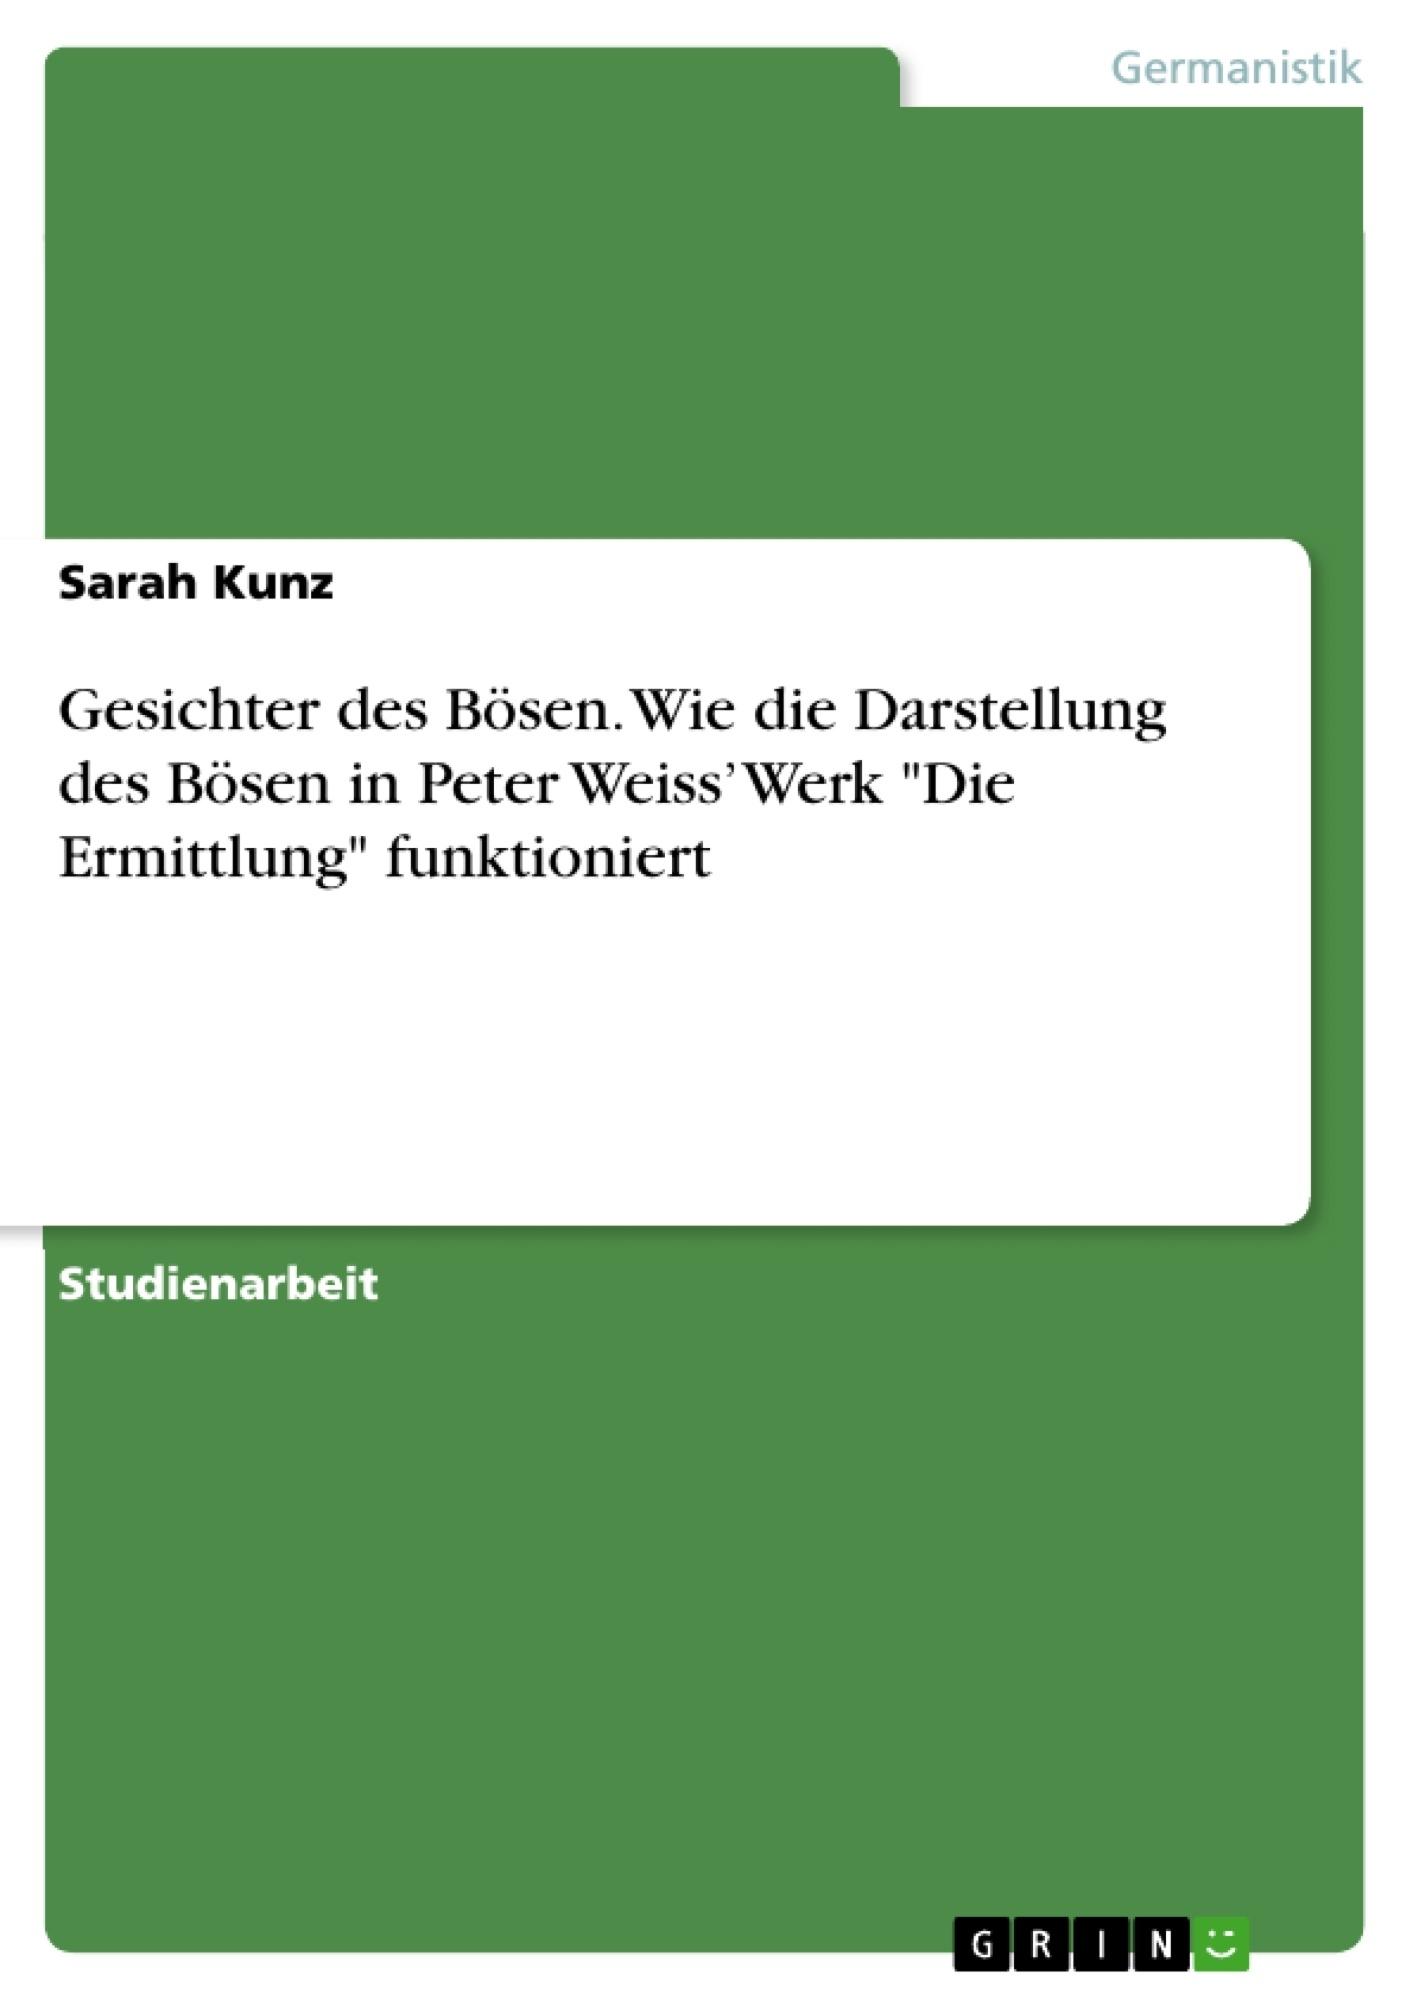 """Titel: Gesichter des Bösen. Wie die Darstellung des Bösen in Peter Weiss' Werk """"Die Ermittlung"""" funktioniert"""